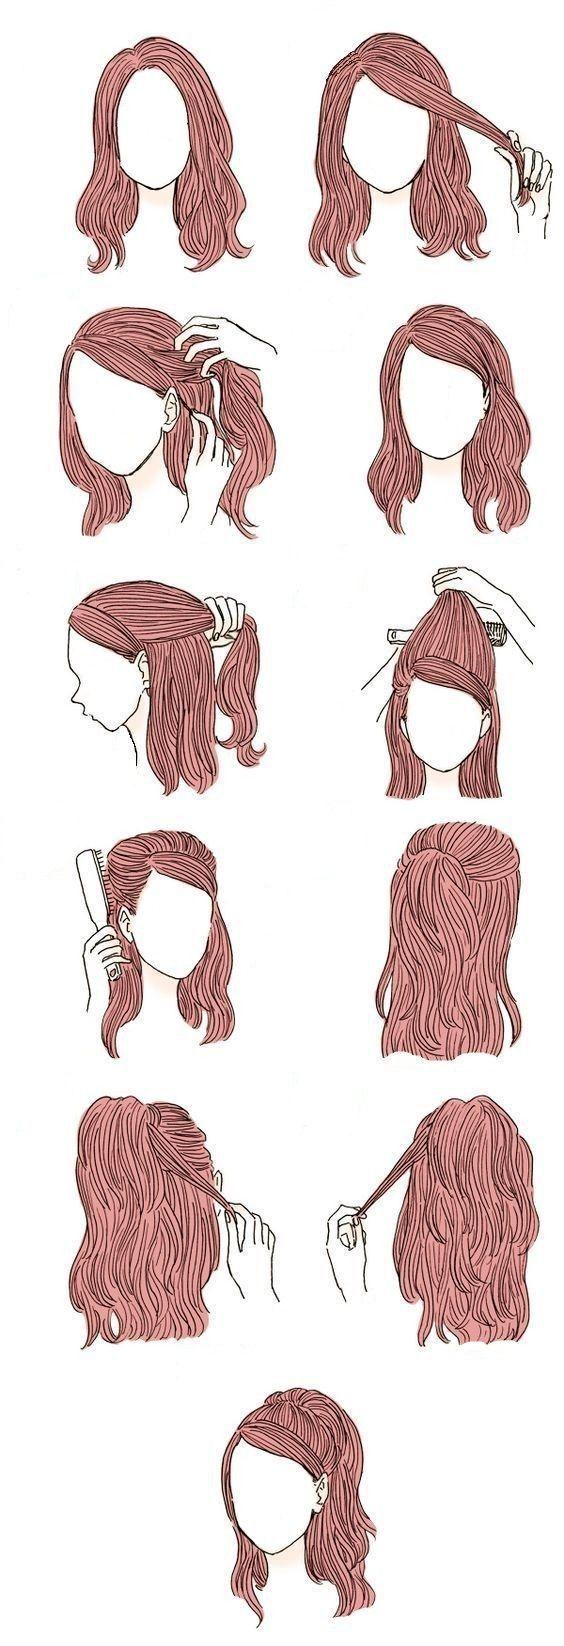 Frisur für die Schule - #die # Flechtfrisur # für #Schule, #die #Flechtfrisur # für #Sc